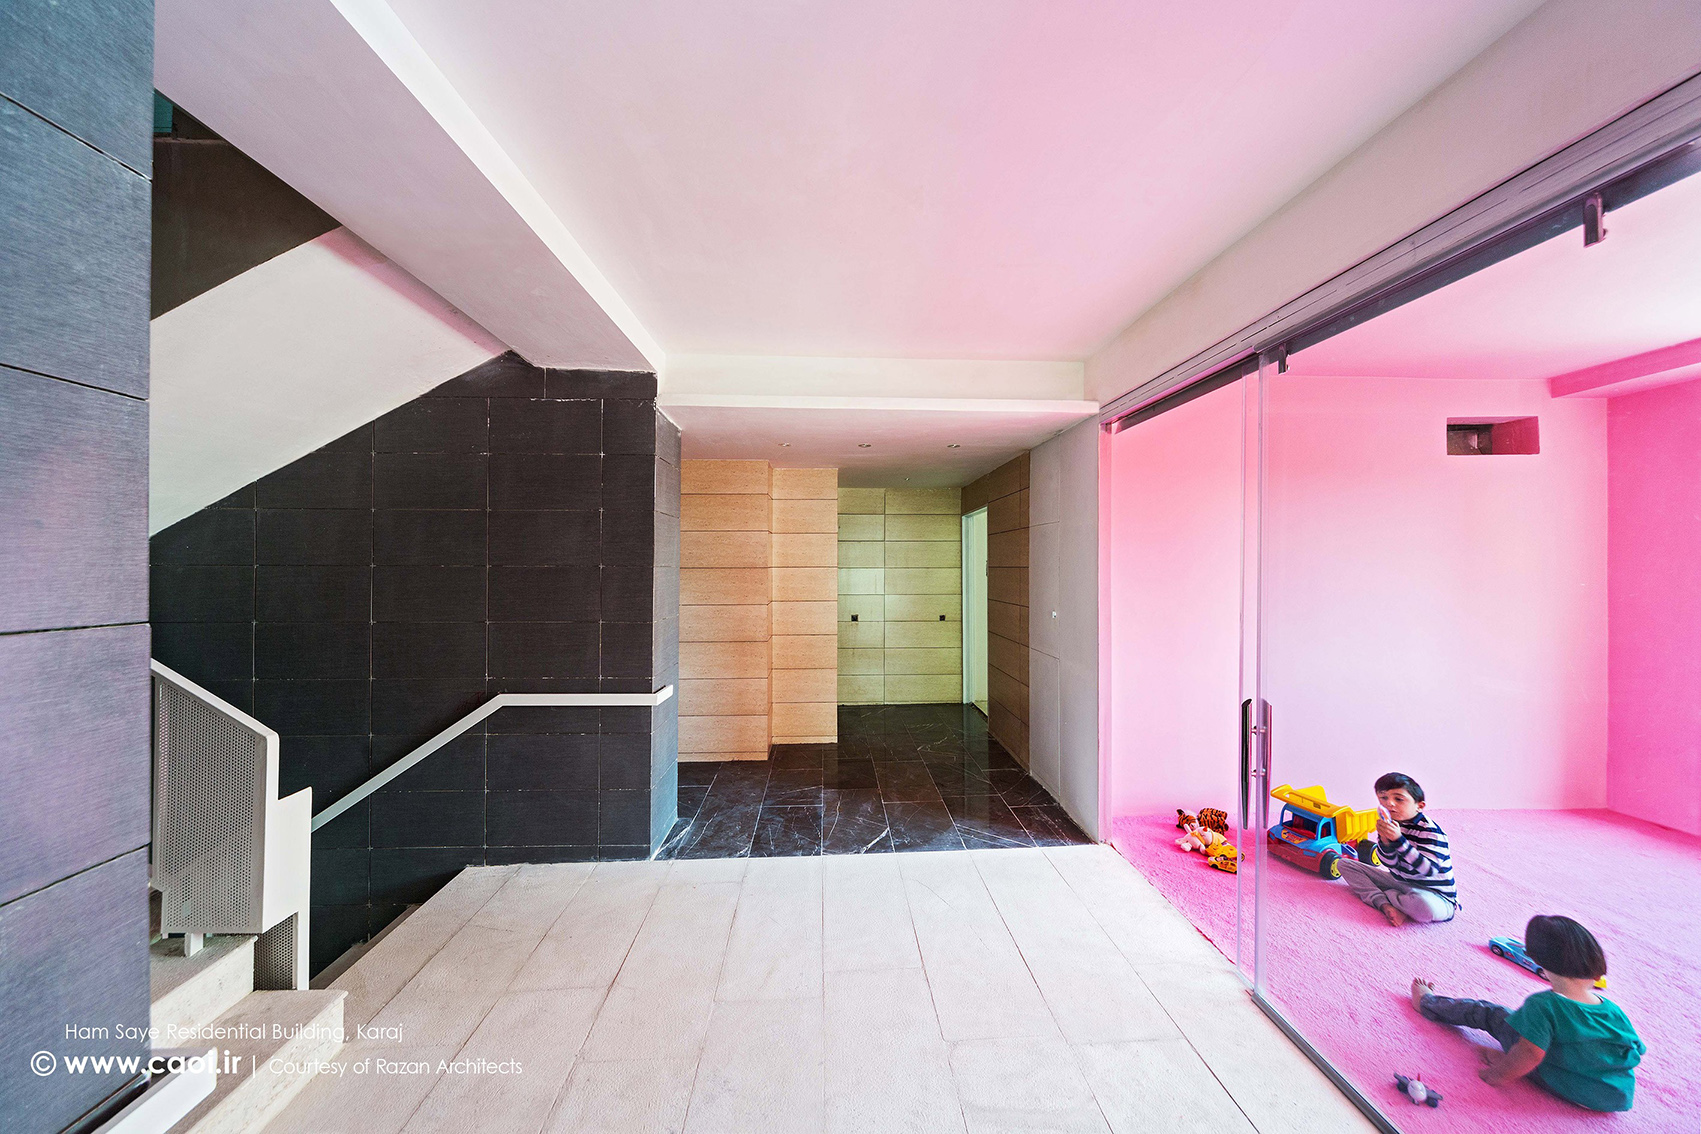 طراحی داخلی مجتمع مسکونی همسایه,دکوراسیون داخلی مجتمع مسکونی,اتاق بازی کودکان